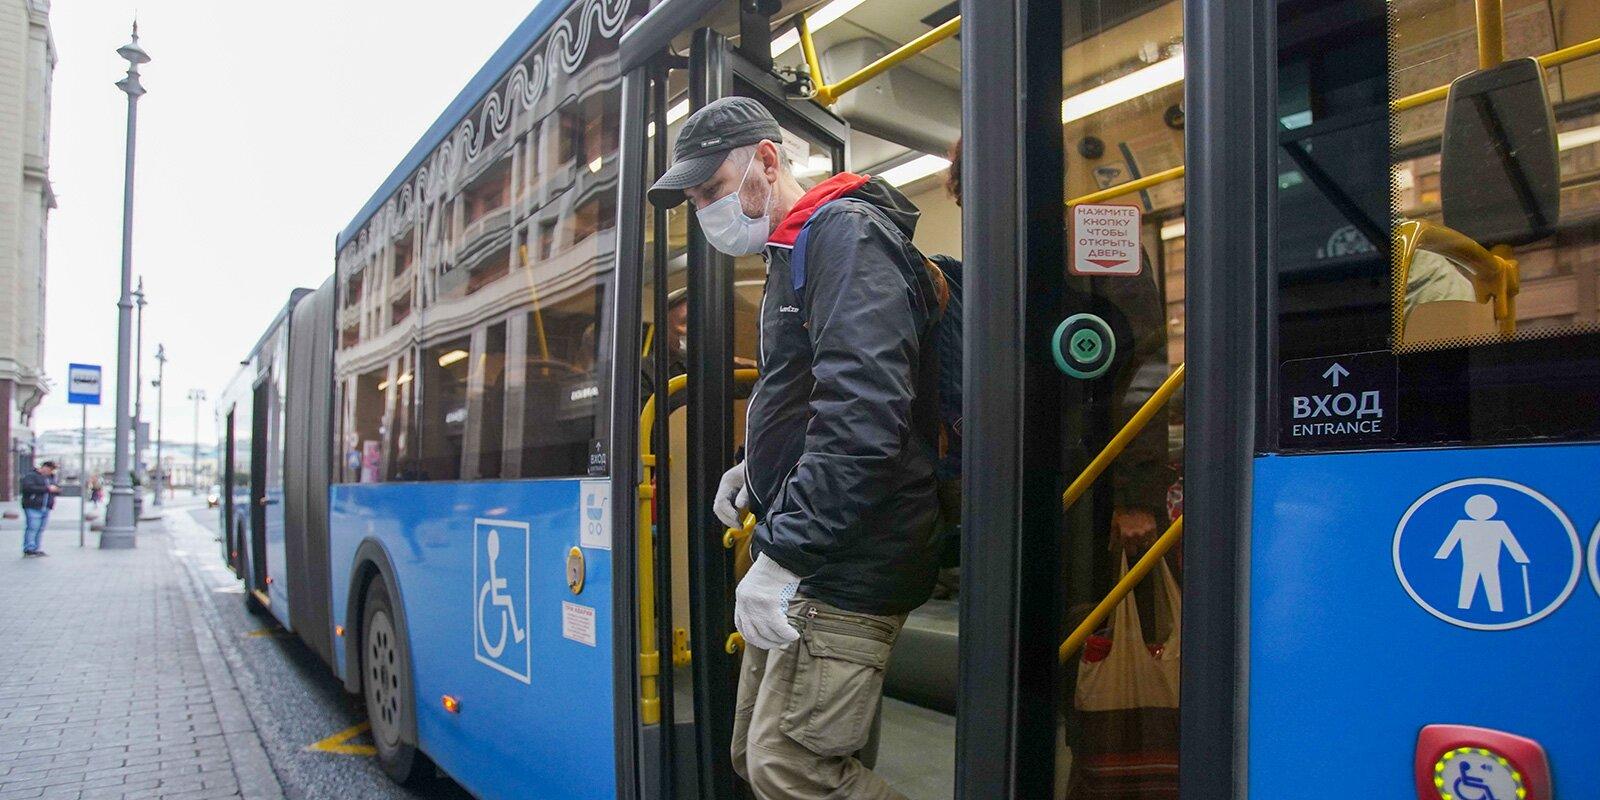 Темпы развития общественного транспорта Москвы в 2020 году сохранились, несмотря на пандемию